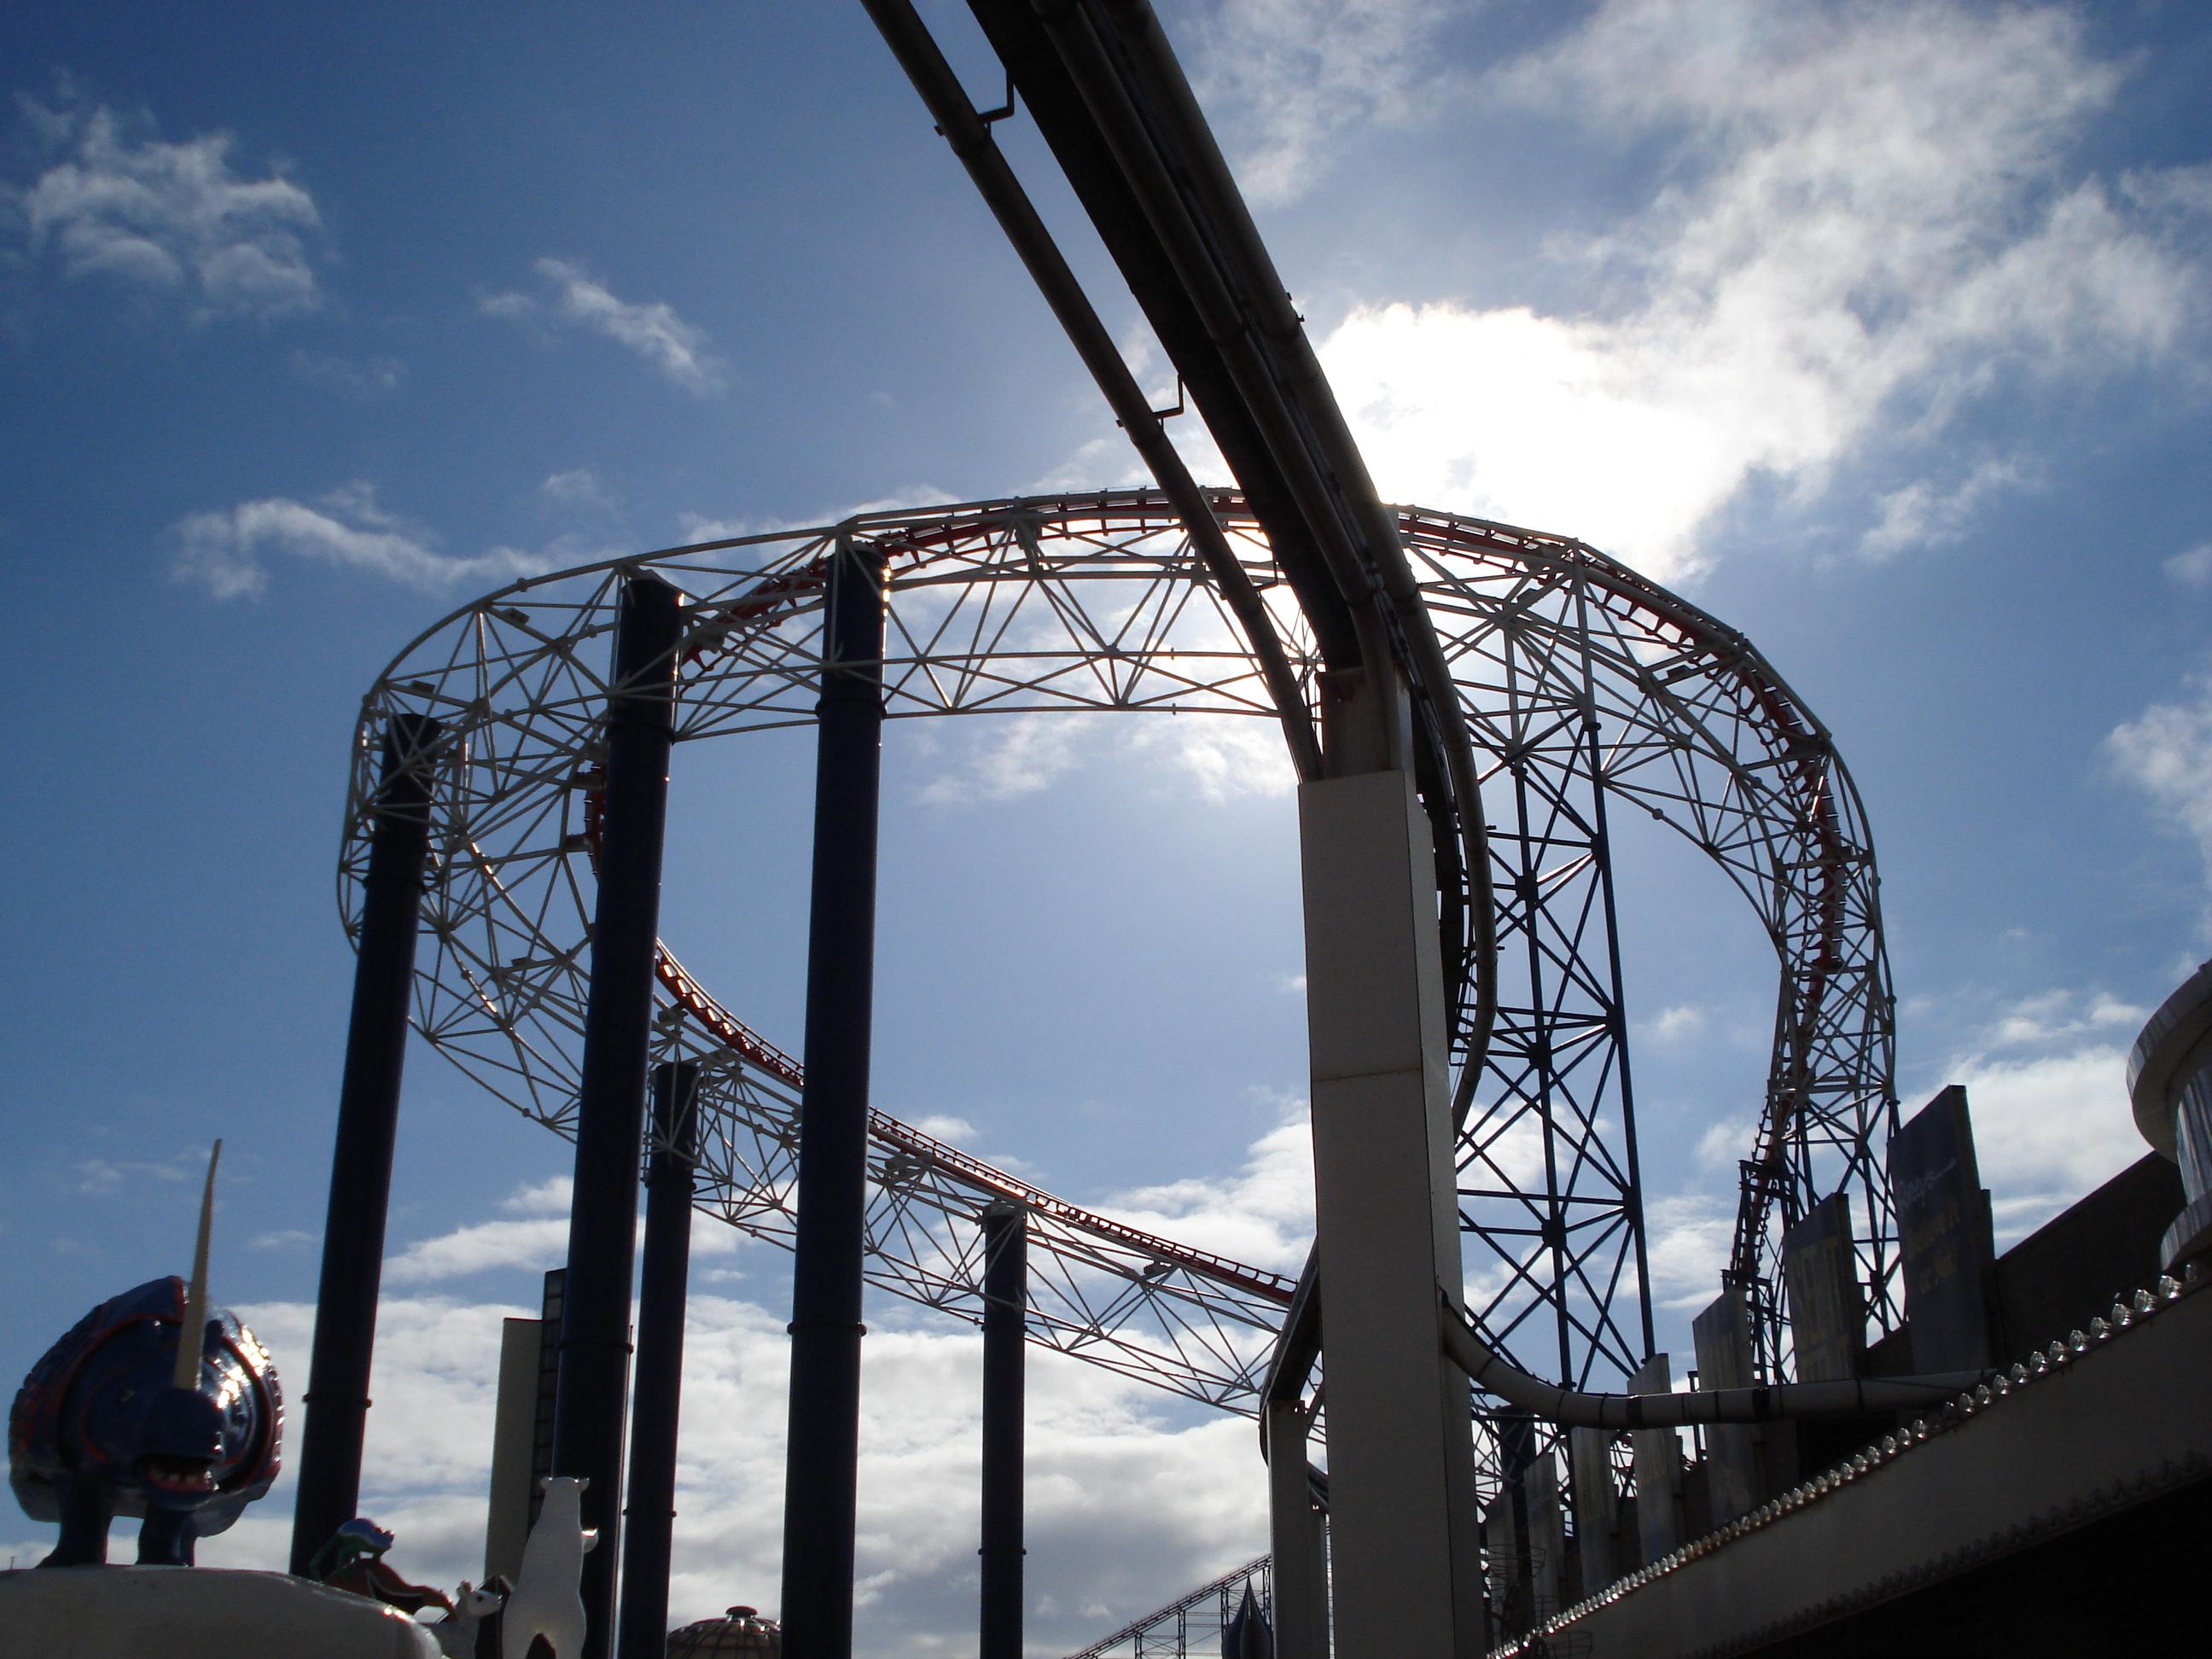 beach roller coaster - photo #13